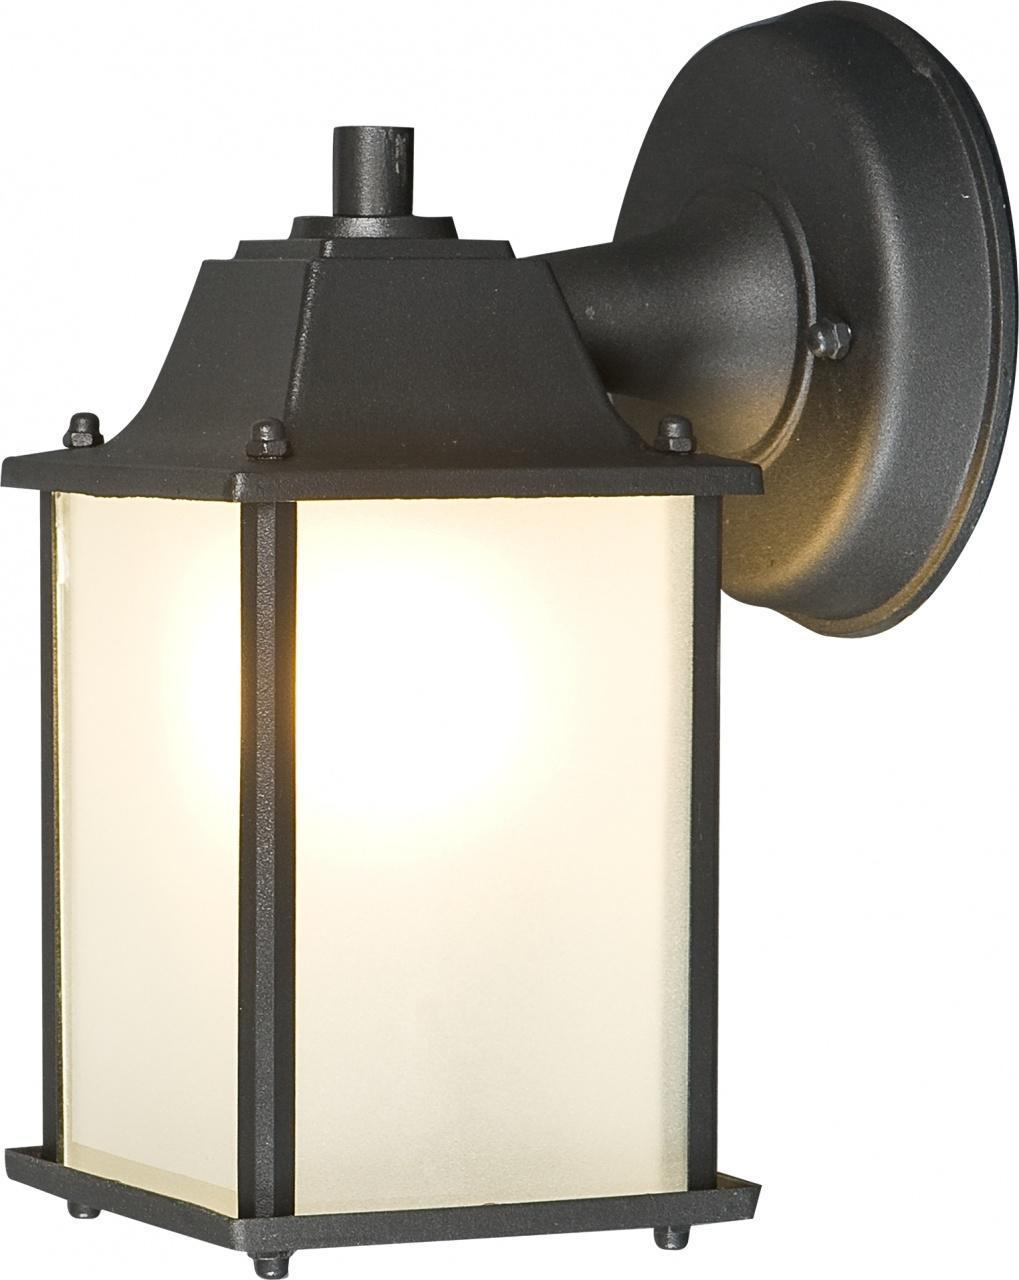 Уличный настенный светильник Nowodvorski Spey 5290 уличный настенный светильник nowodvorski tay 5292